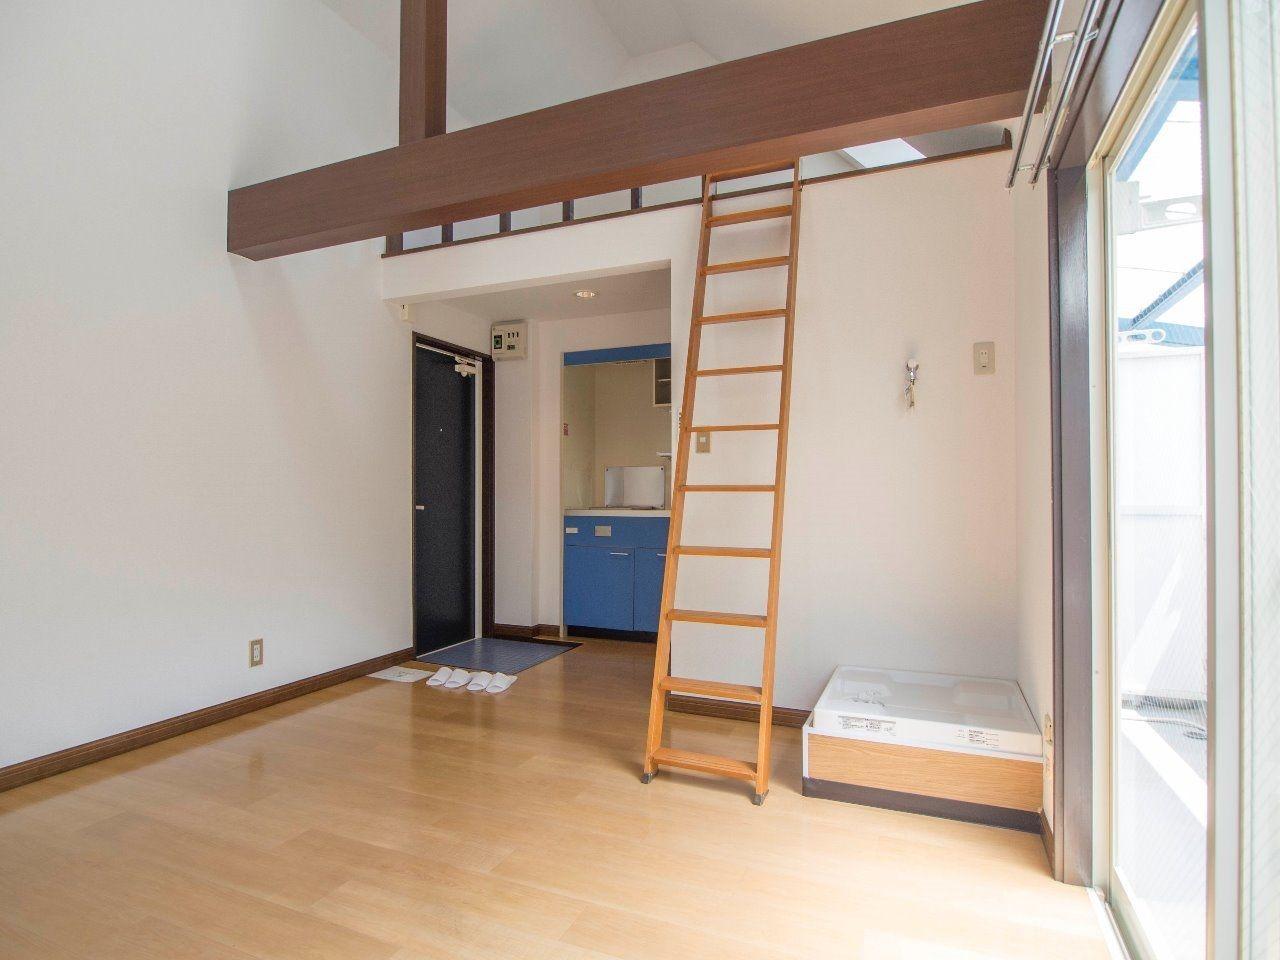 居室の天井は高く、梁が出ていて、遊び心をくすぐります